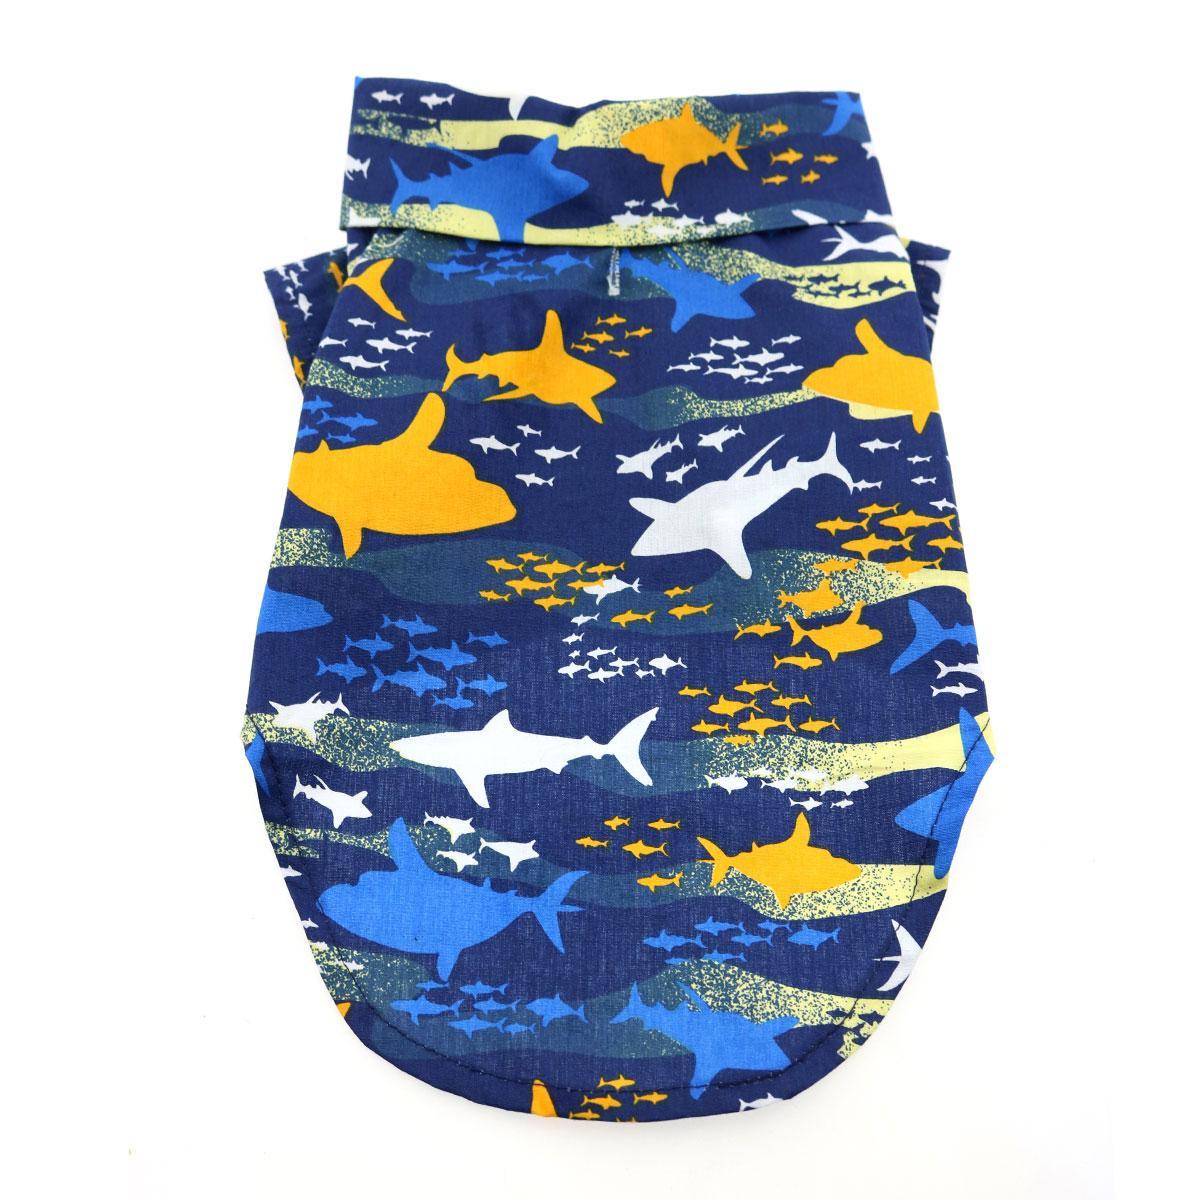 Hawaiian Camp Shirt by Doggie Design - Island Sharks